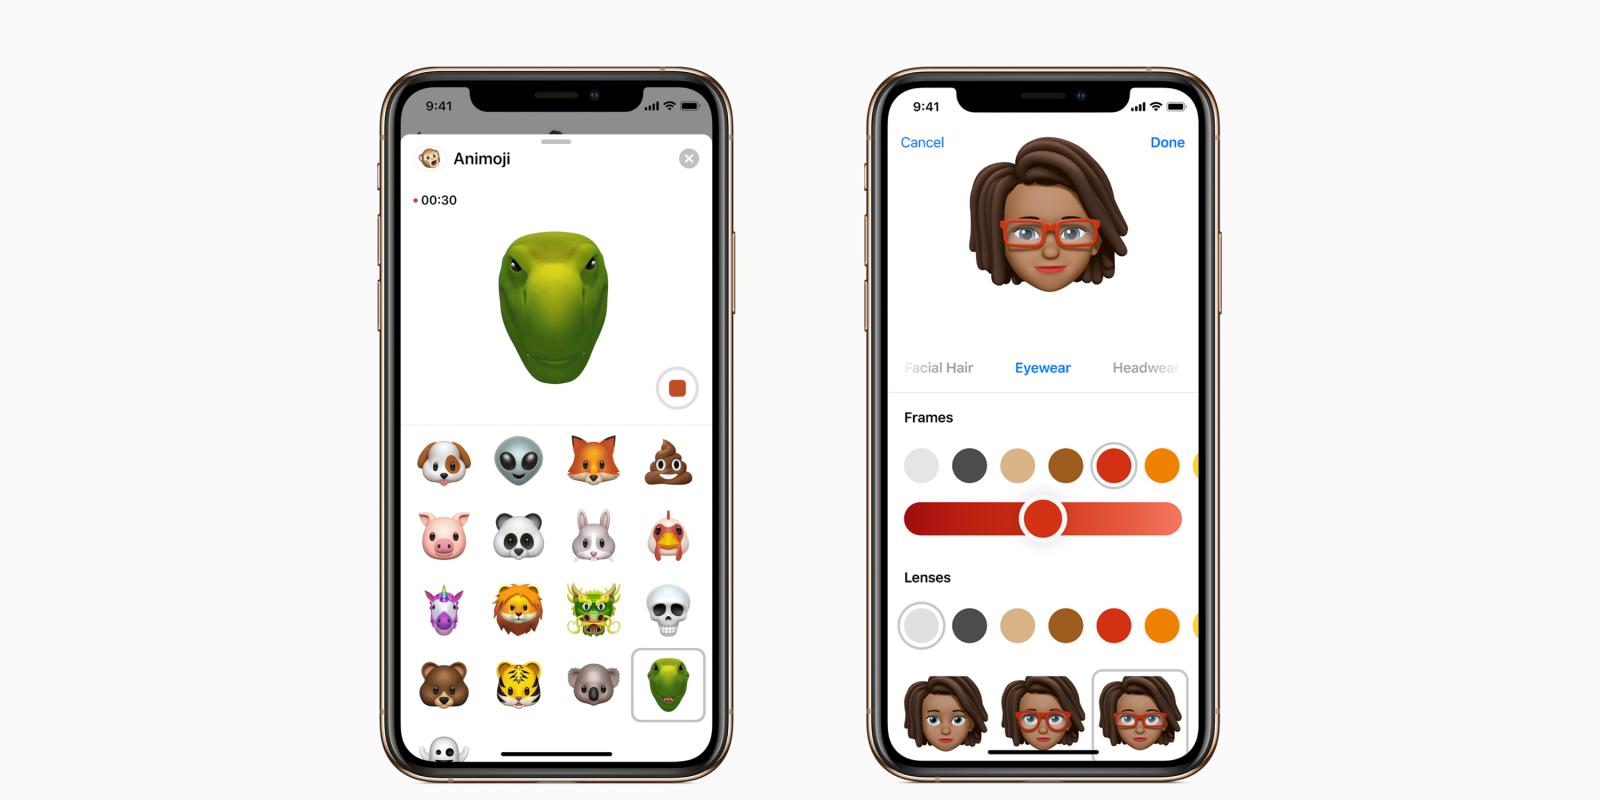 iOS 12.1 suggests iCloud syncing for Memoji coming soon